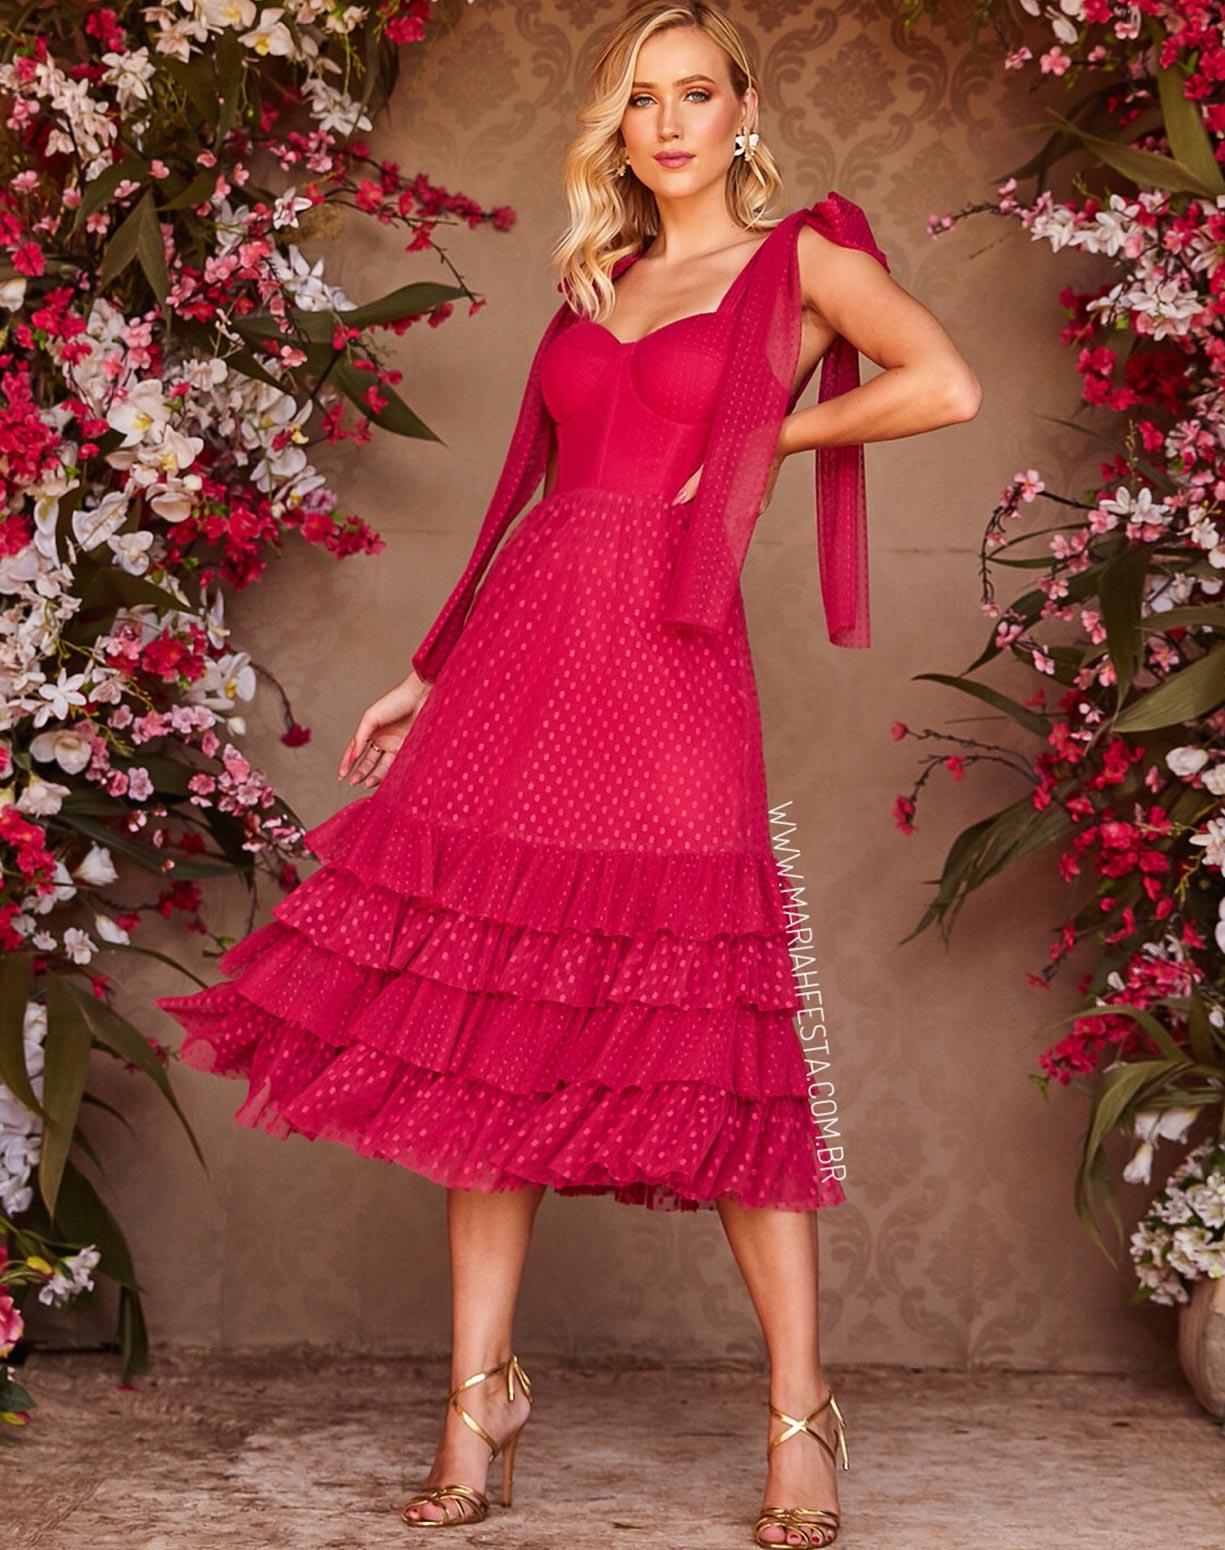 Vestido Midi Pink com Textura em Mini Poás